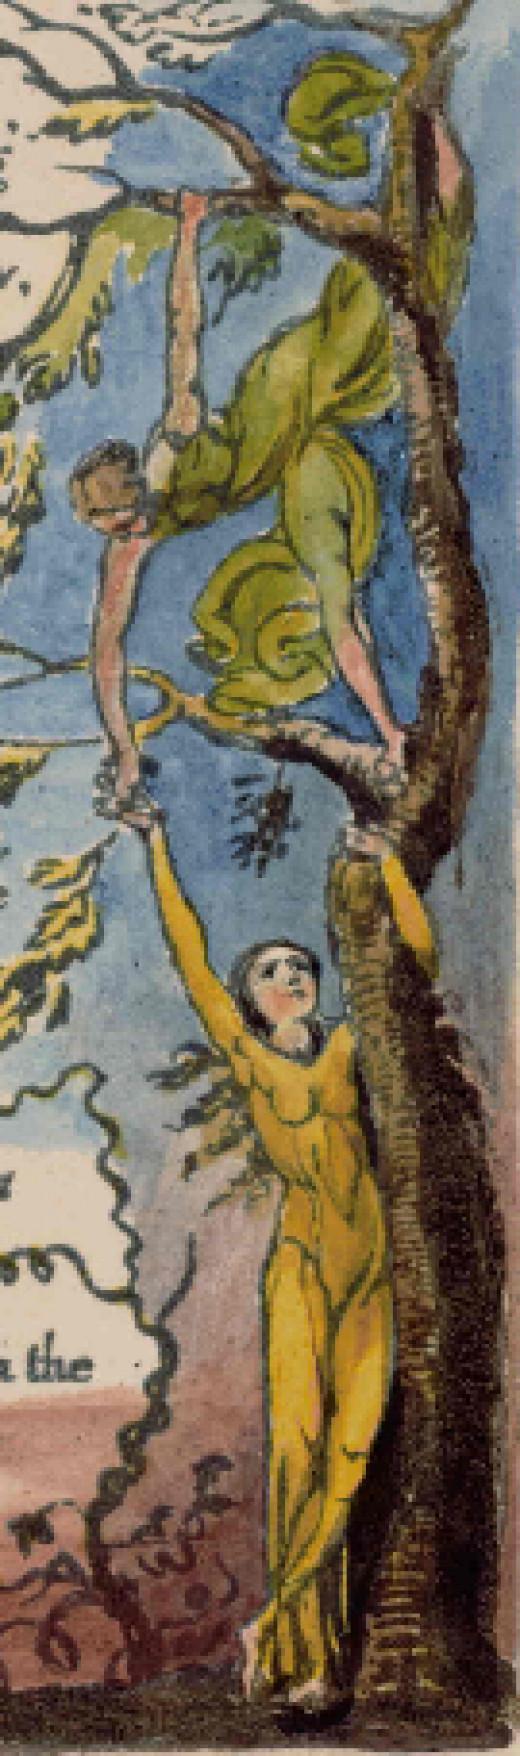 Illustration by William Blake; Public Domain Image.